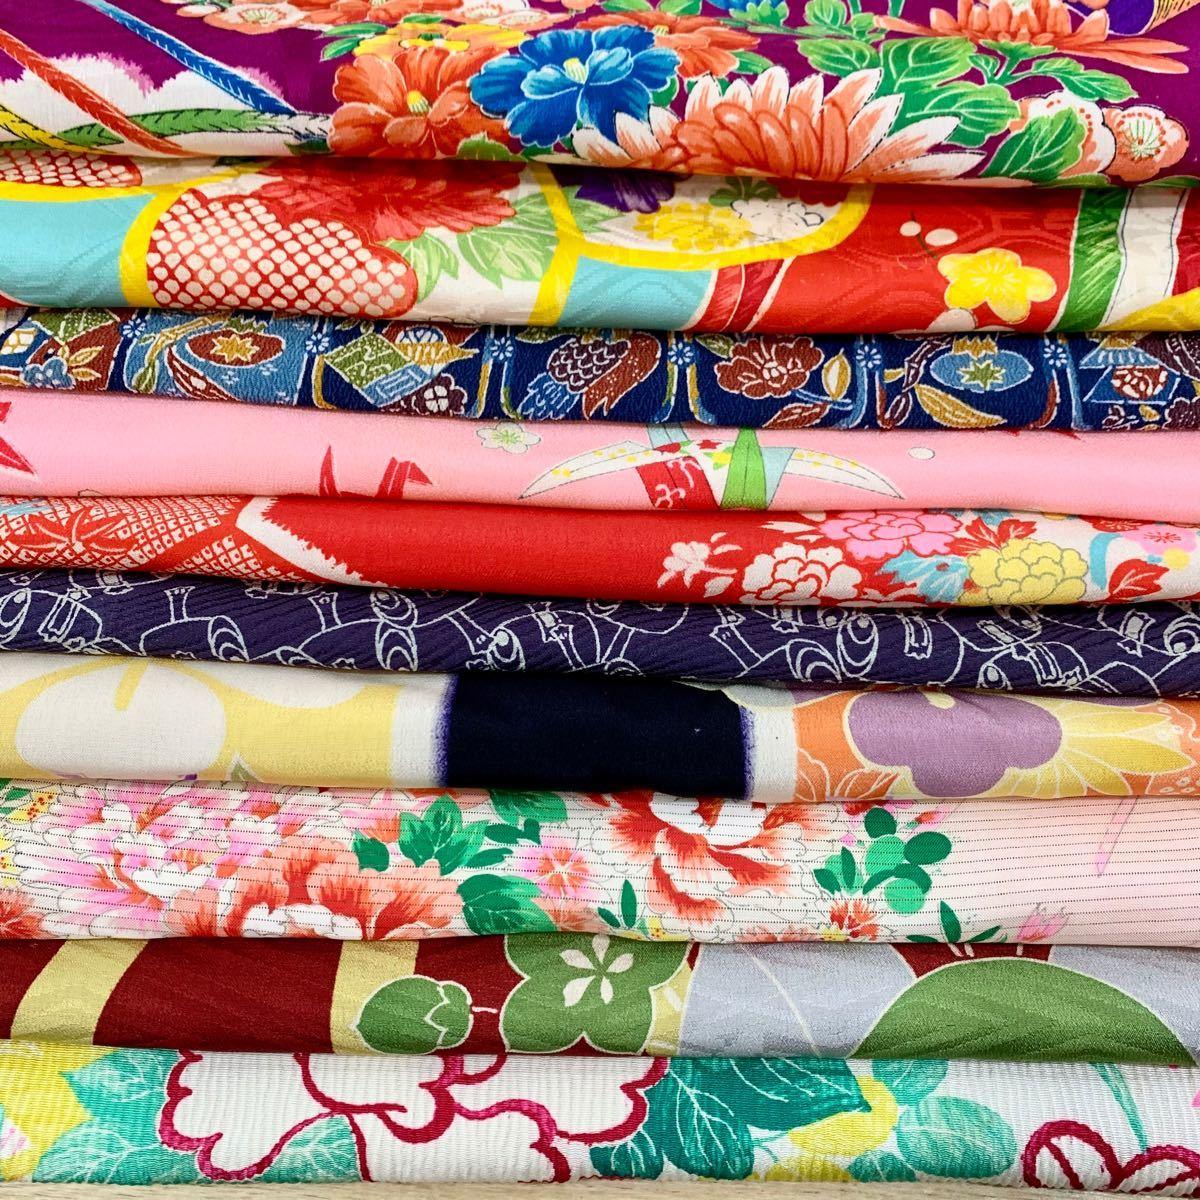 正絹 はぎれ 古布 10枚セット リメイク 材料 縮緬 絽 アンティーク